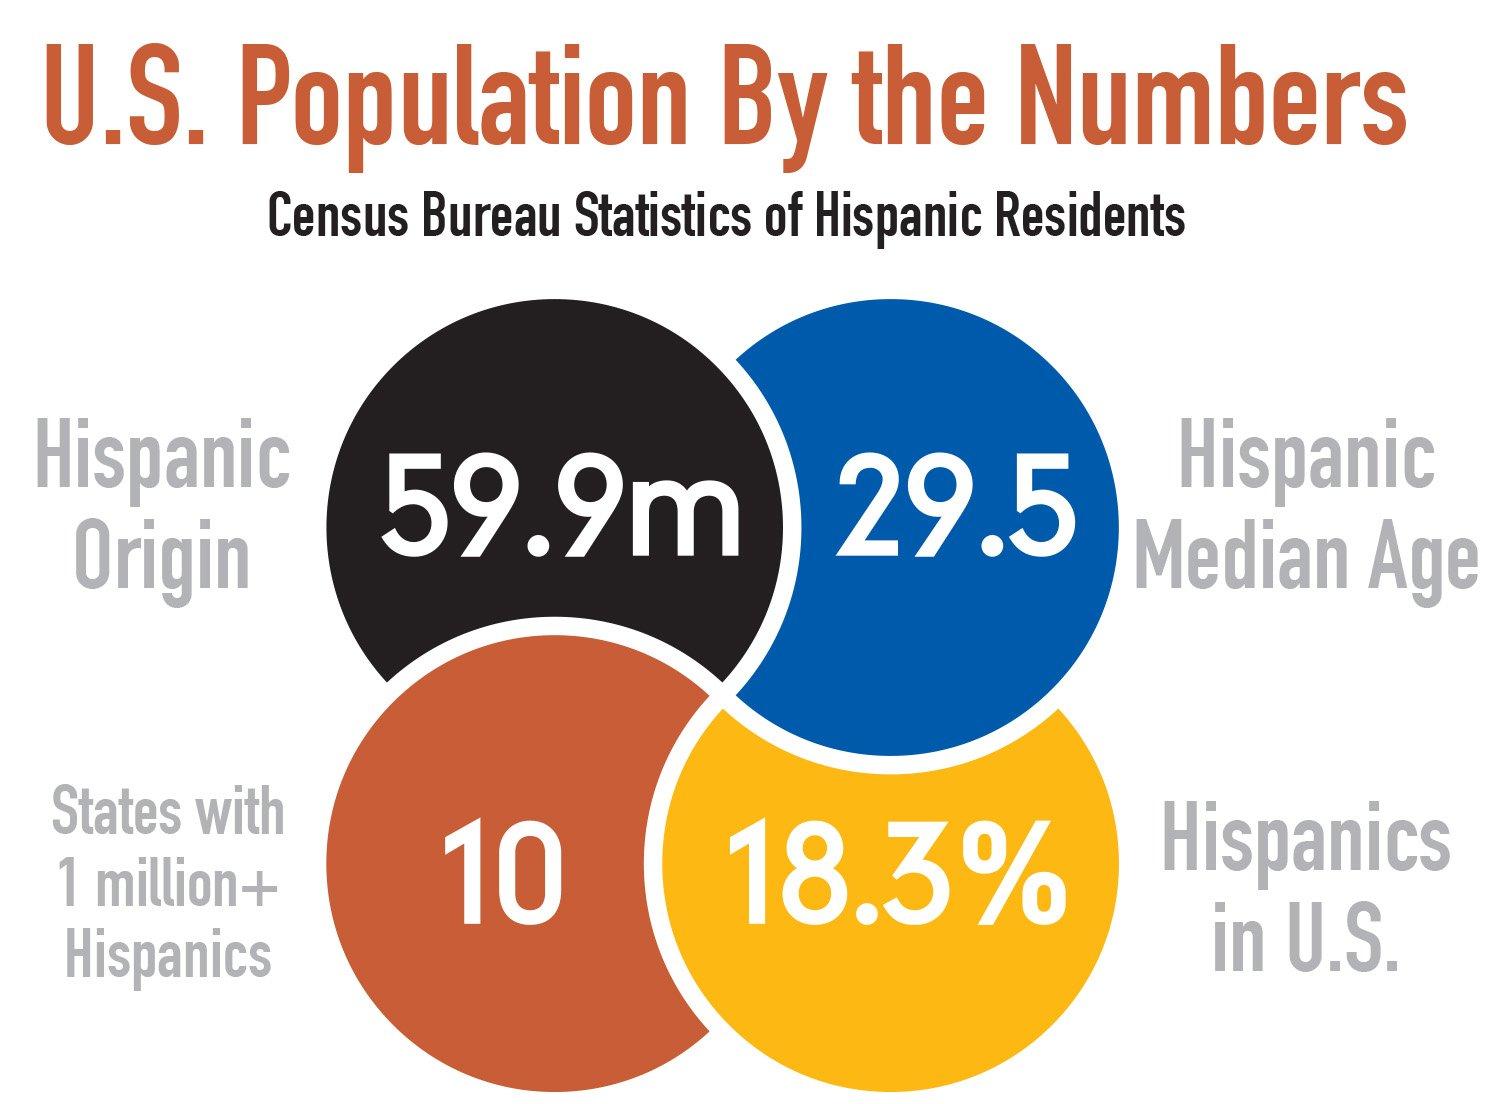 HispanicsinUSgraphic